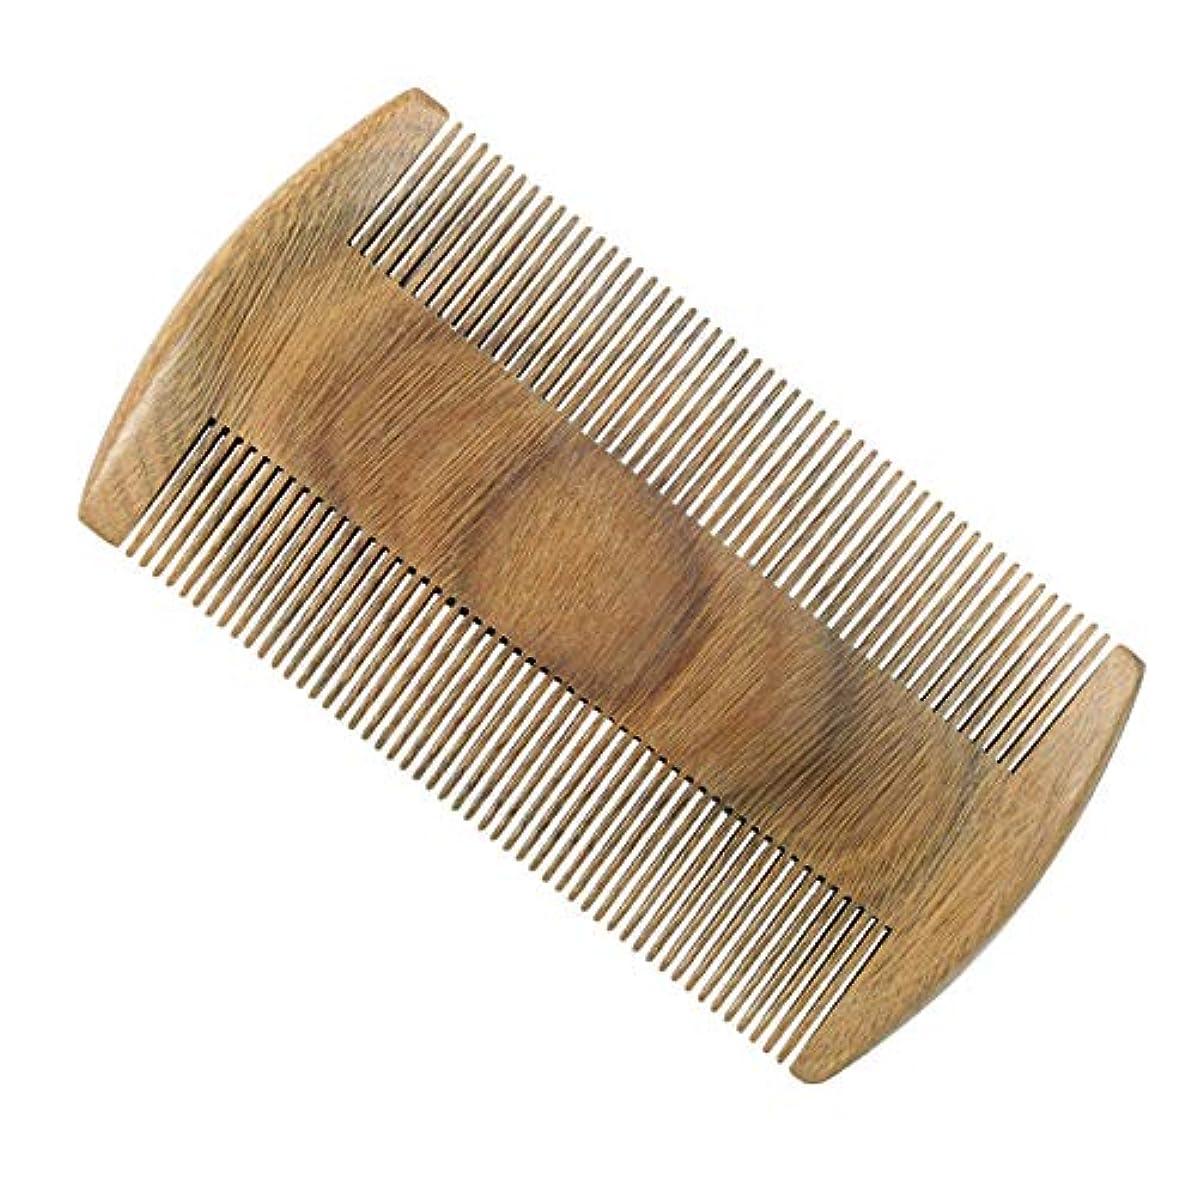 お肉おしゃれなトラフィックALIVEON 高級木製櫛 ヘアブラシ つげ櫛 頭皮マッサージ 天然緑檀 ヘアコーム 静電気防止 男女兼用